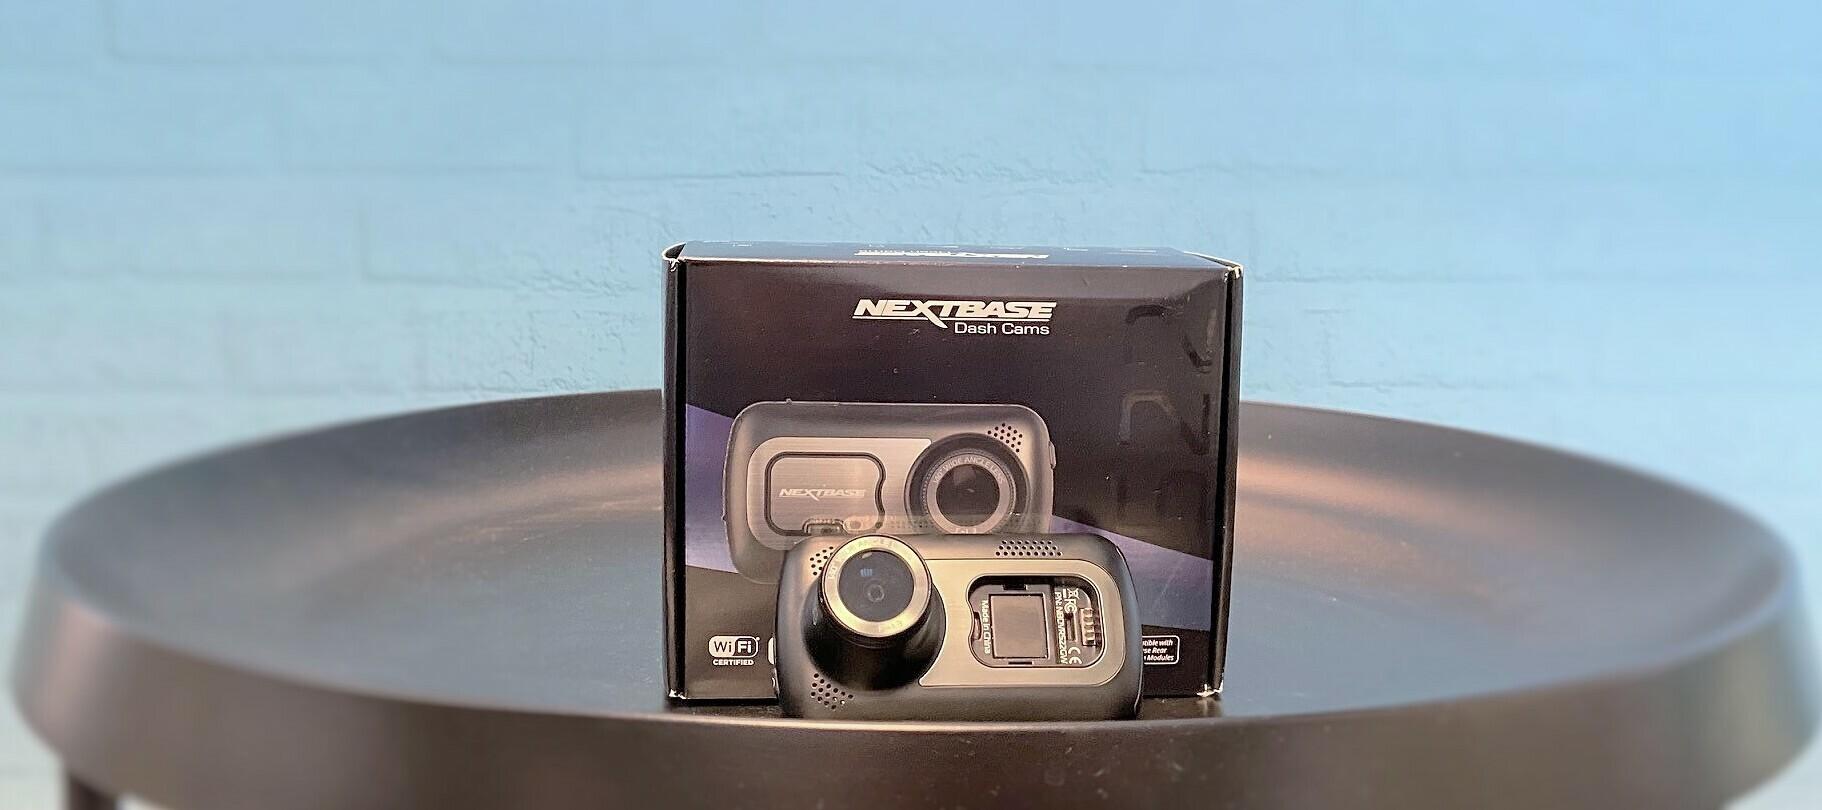 Die Dashcam 522GW von Nextbase als Testgerät - Dein Produkttest für die Straße